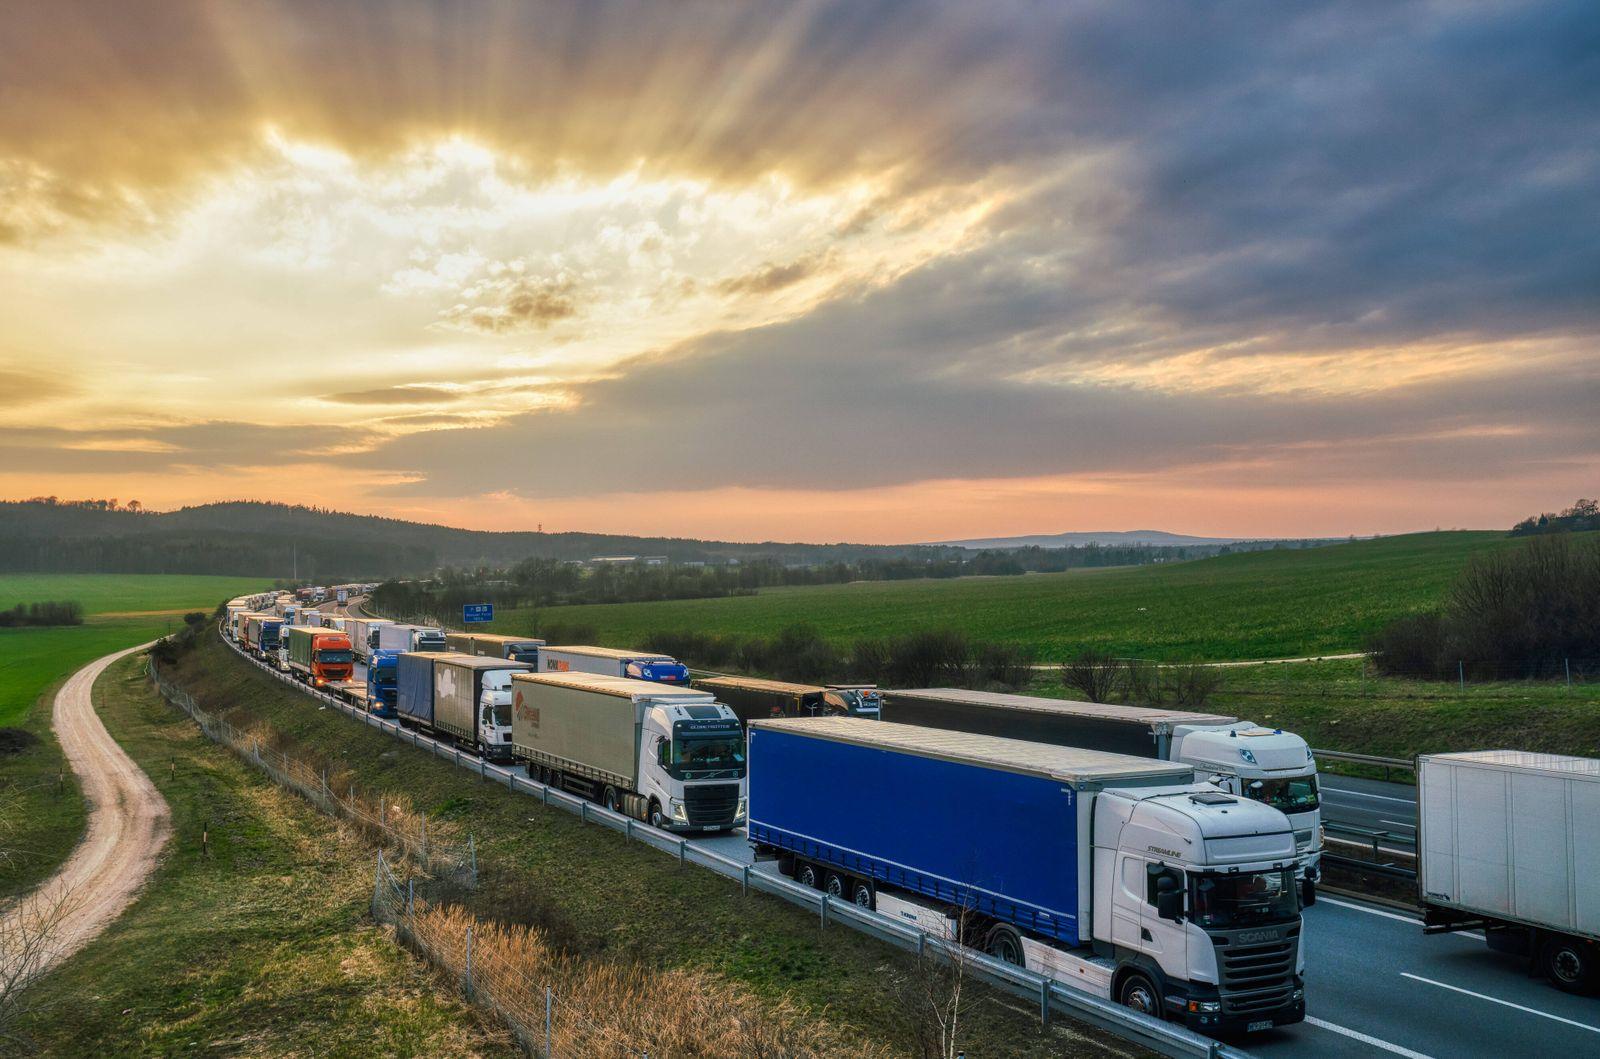 Stau auf der A4 Megastau auf der Autobahn A4 in Richtung Görlitz in Höhe der Königshainer Berge. Tausende LKW stauen si